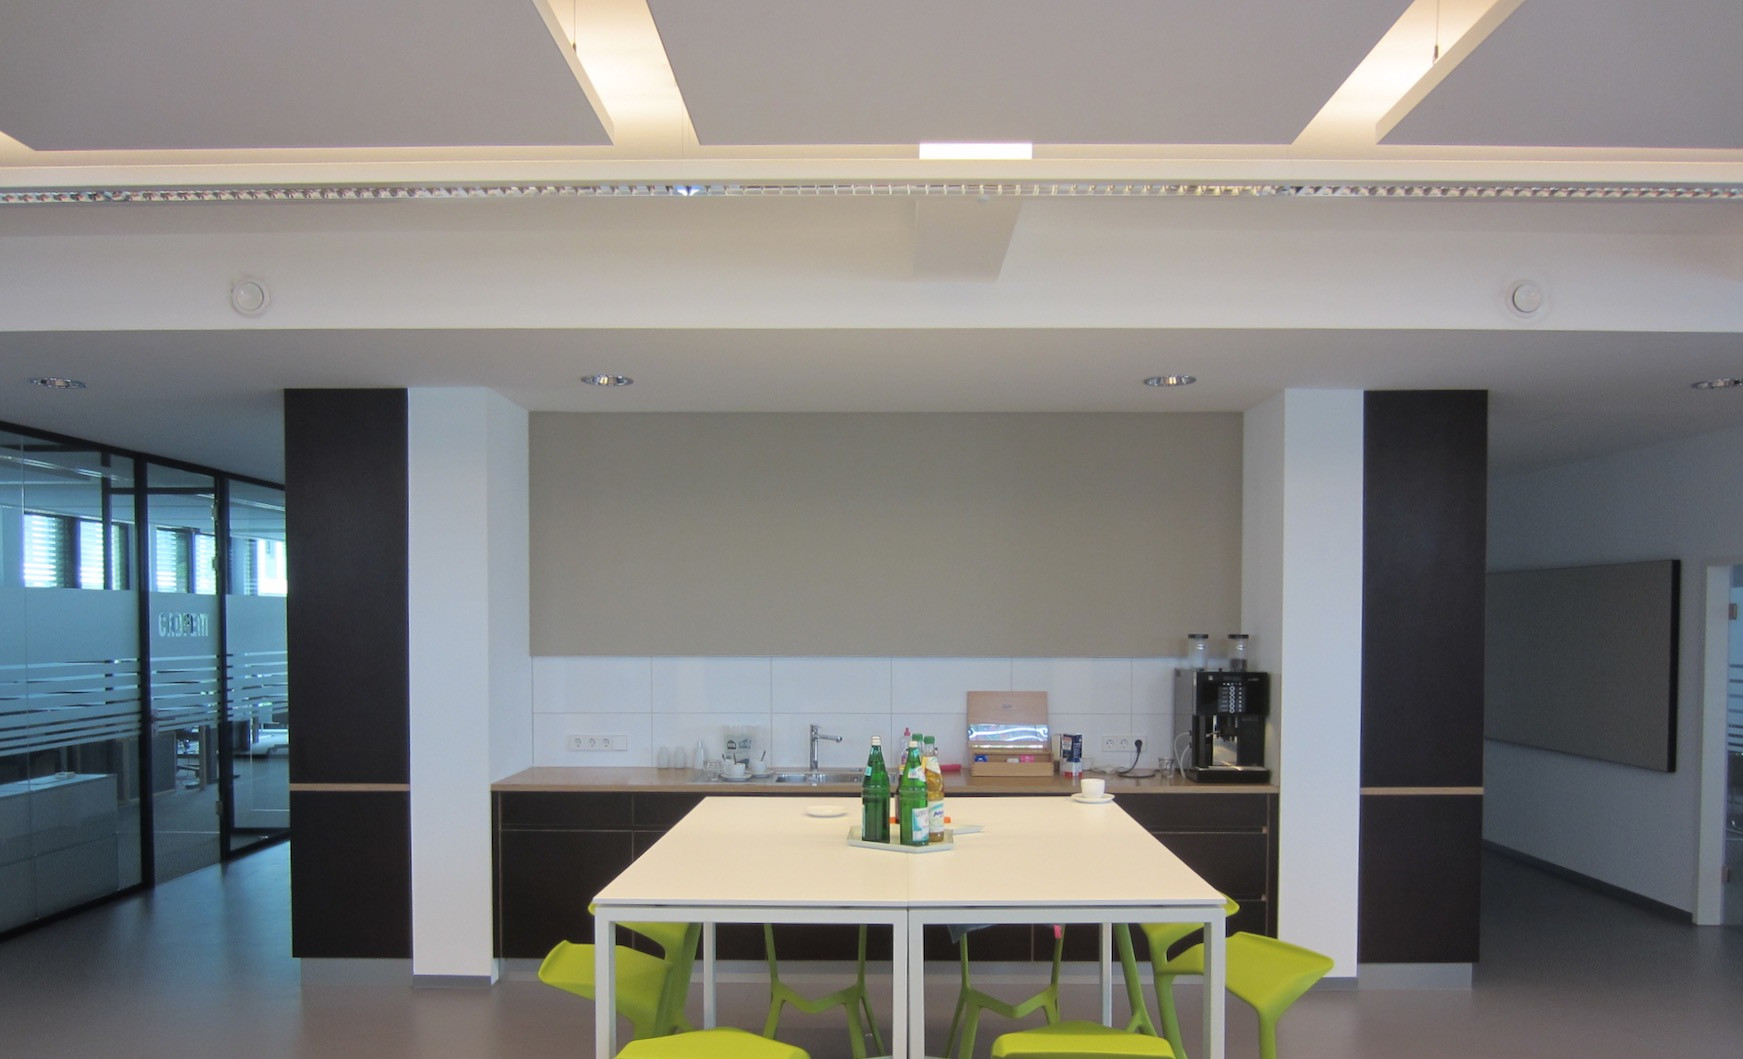 Akoestisch plafond in kantoor